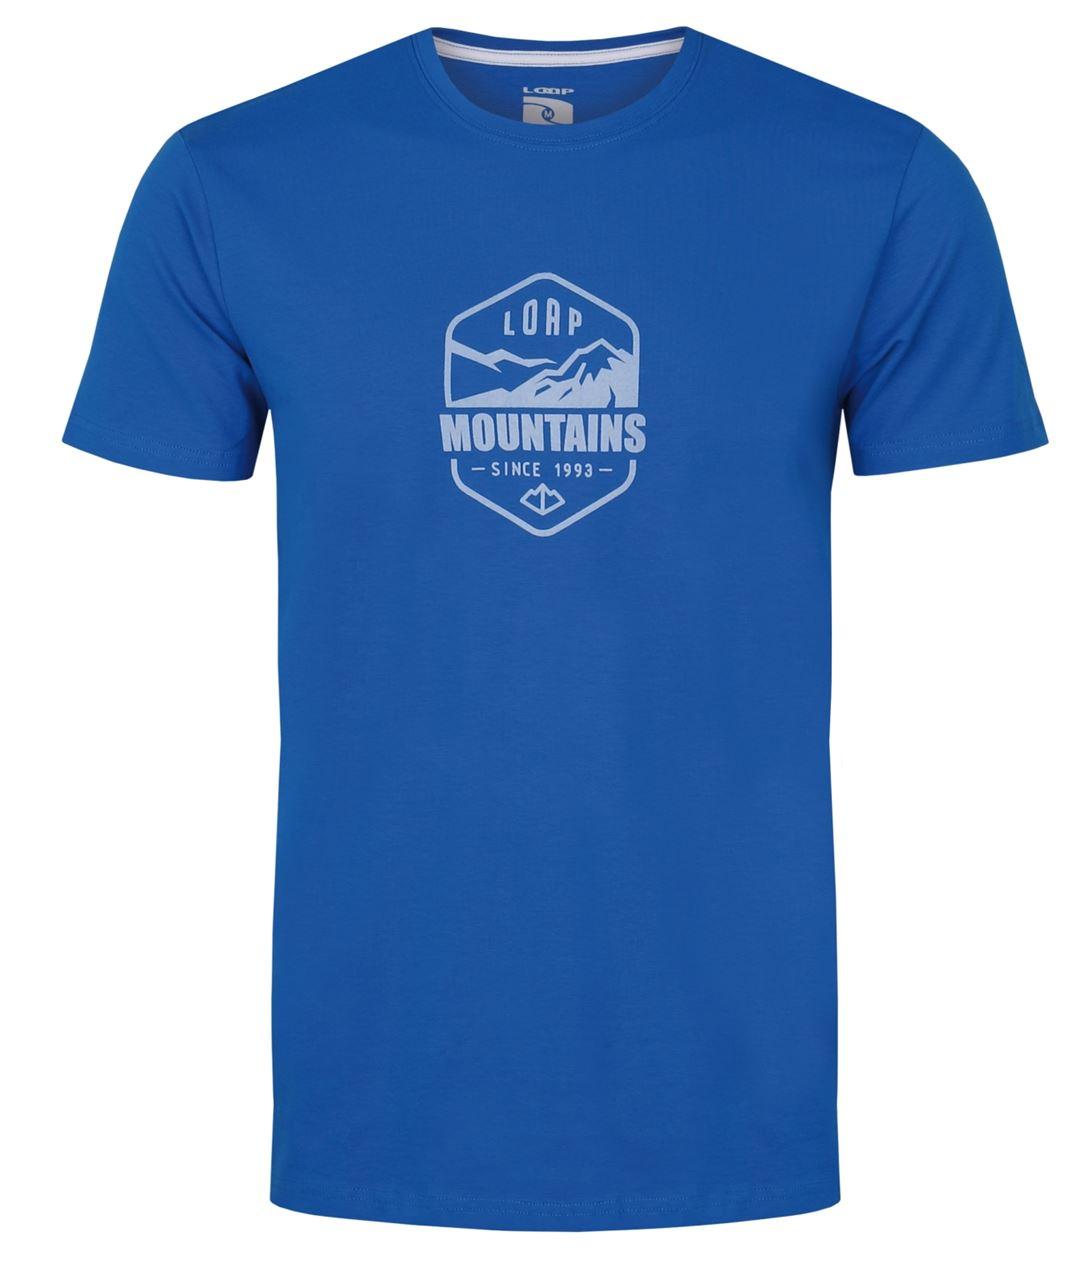 Pánské triko s krátkým rukávem LOAP Amor modrá